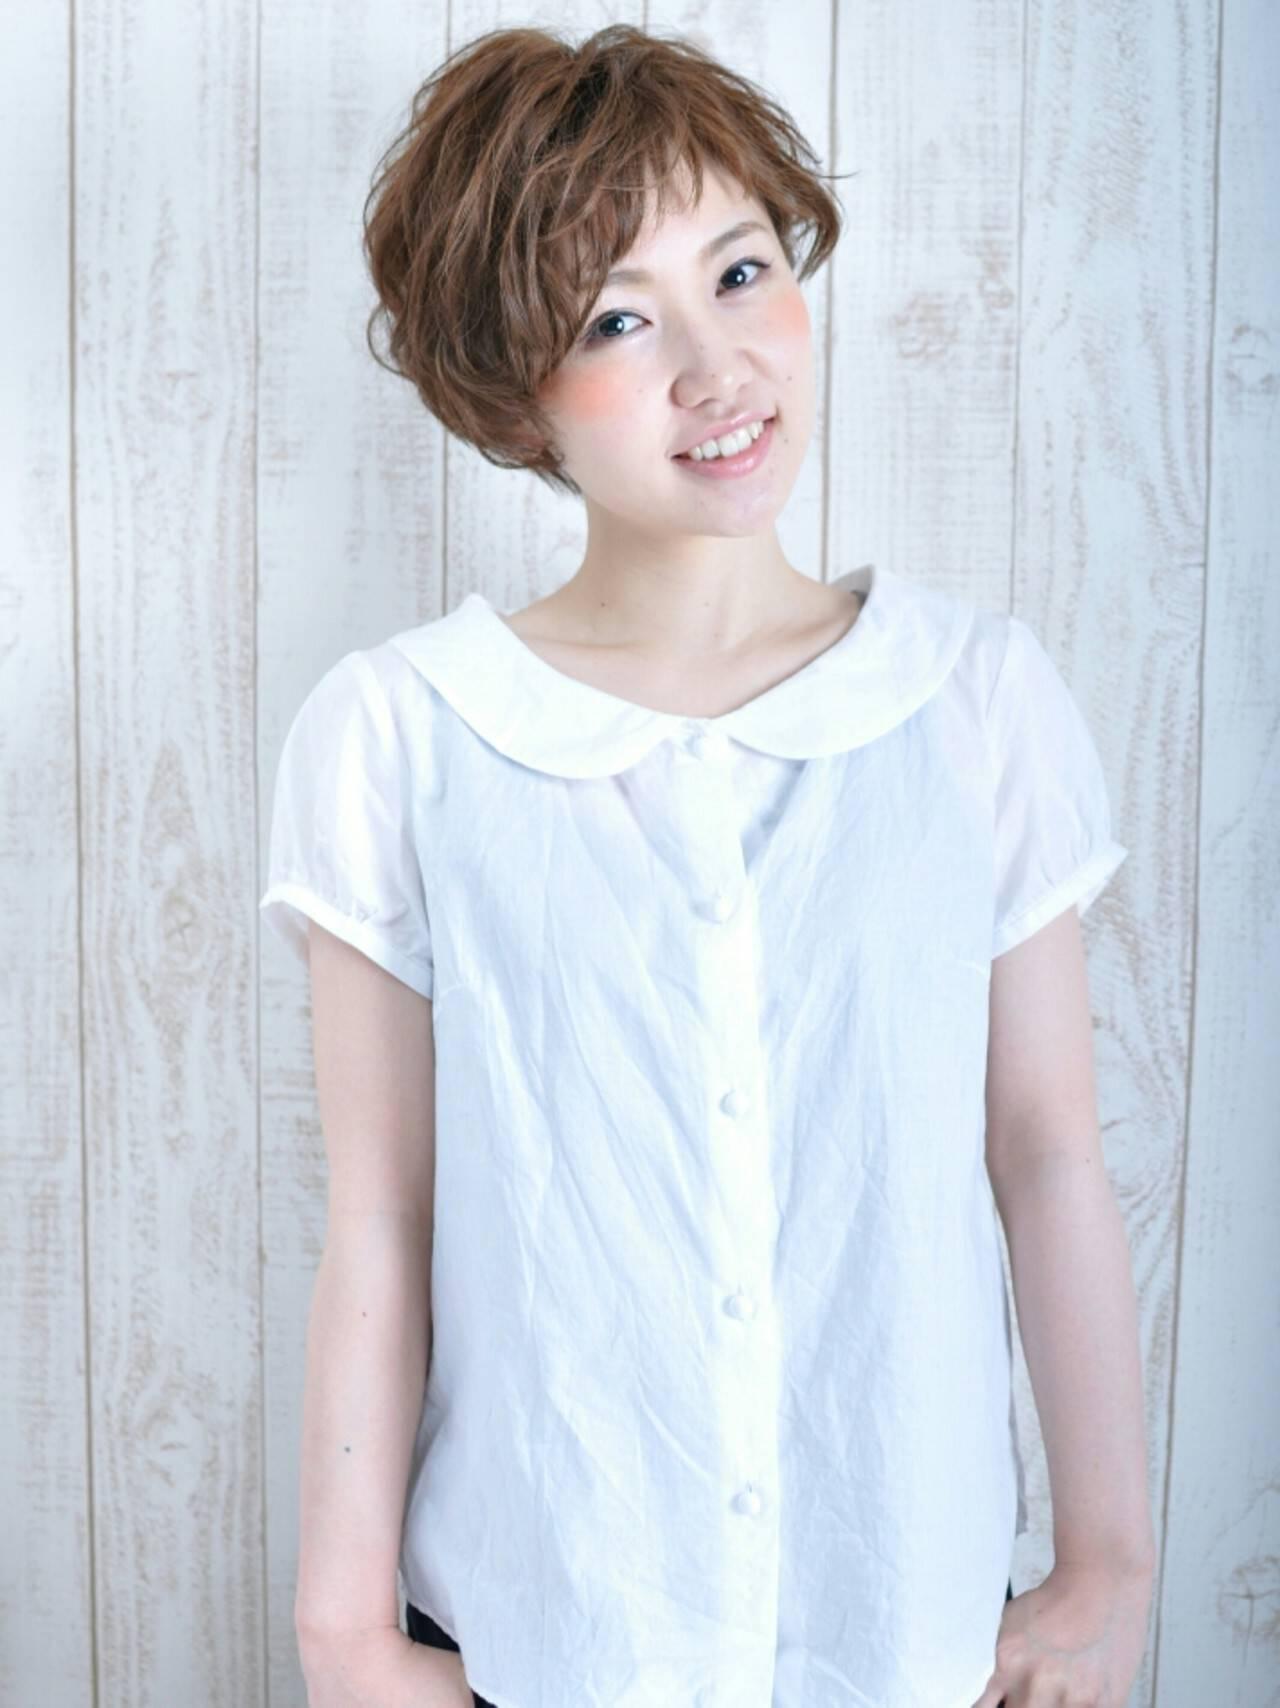 ベリーショート ショート ナチュラル かわいいヘアスタイルや髪型の写真・画像